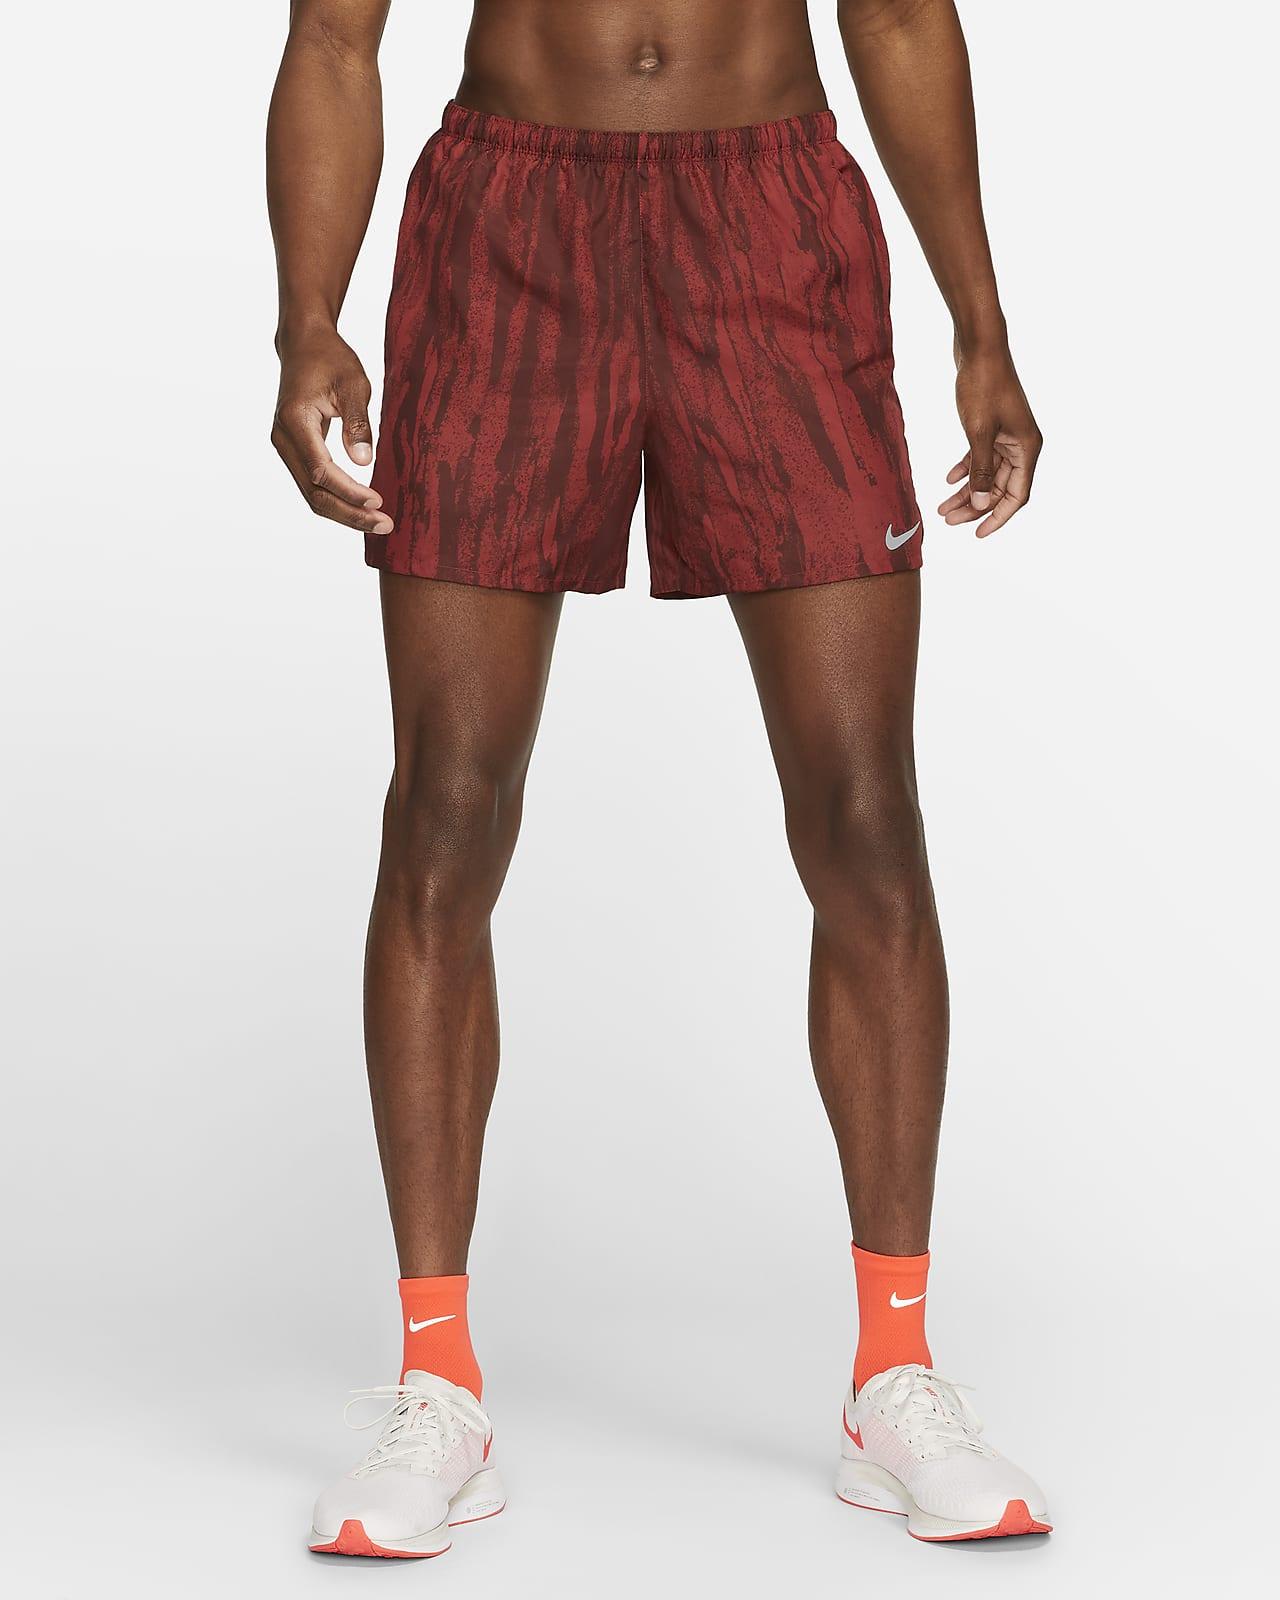 Pantalones cortos de running forrados de 13 cm para hombre Nike Challenger Wild Run